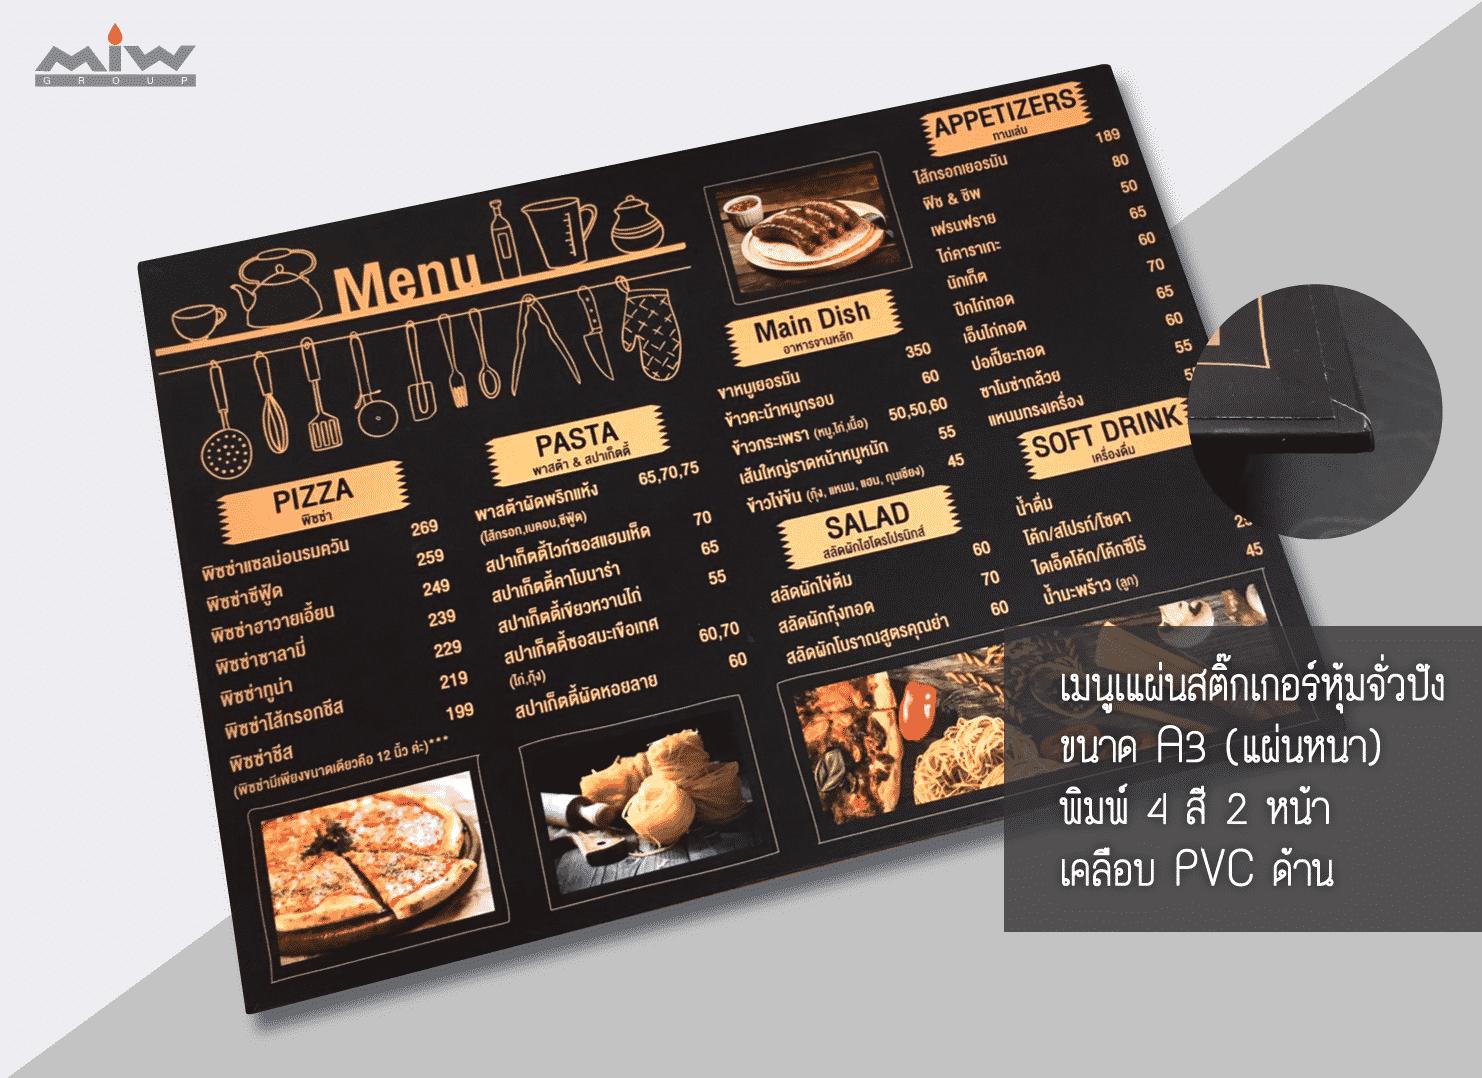 menu-417-3